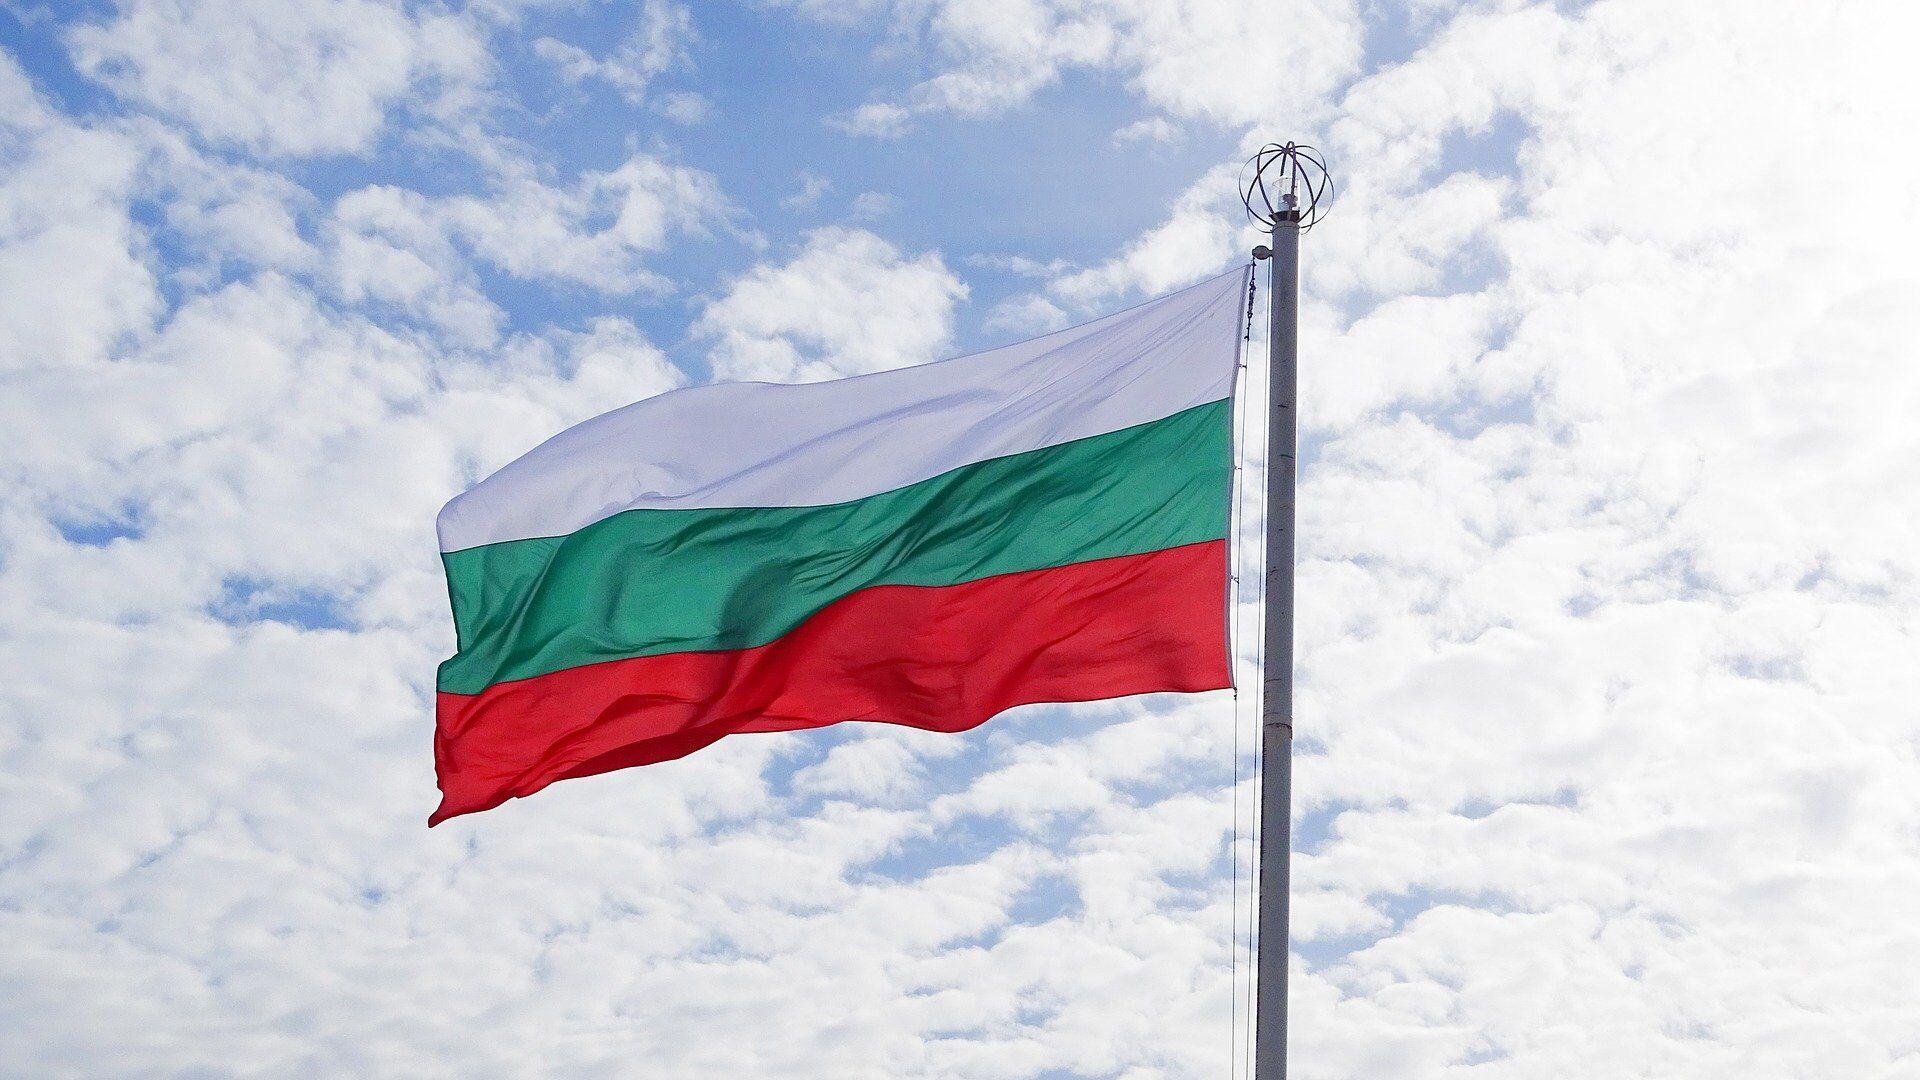 Η σημαία της Βουλγαρίας - Sputnik Ελλάδα, 1920, 07.10.2021